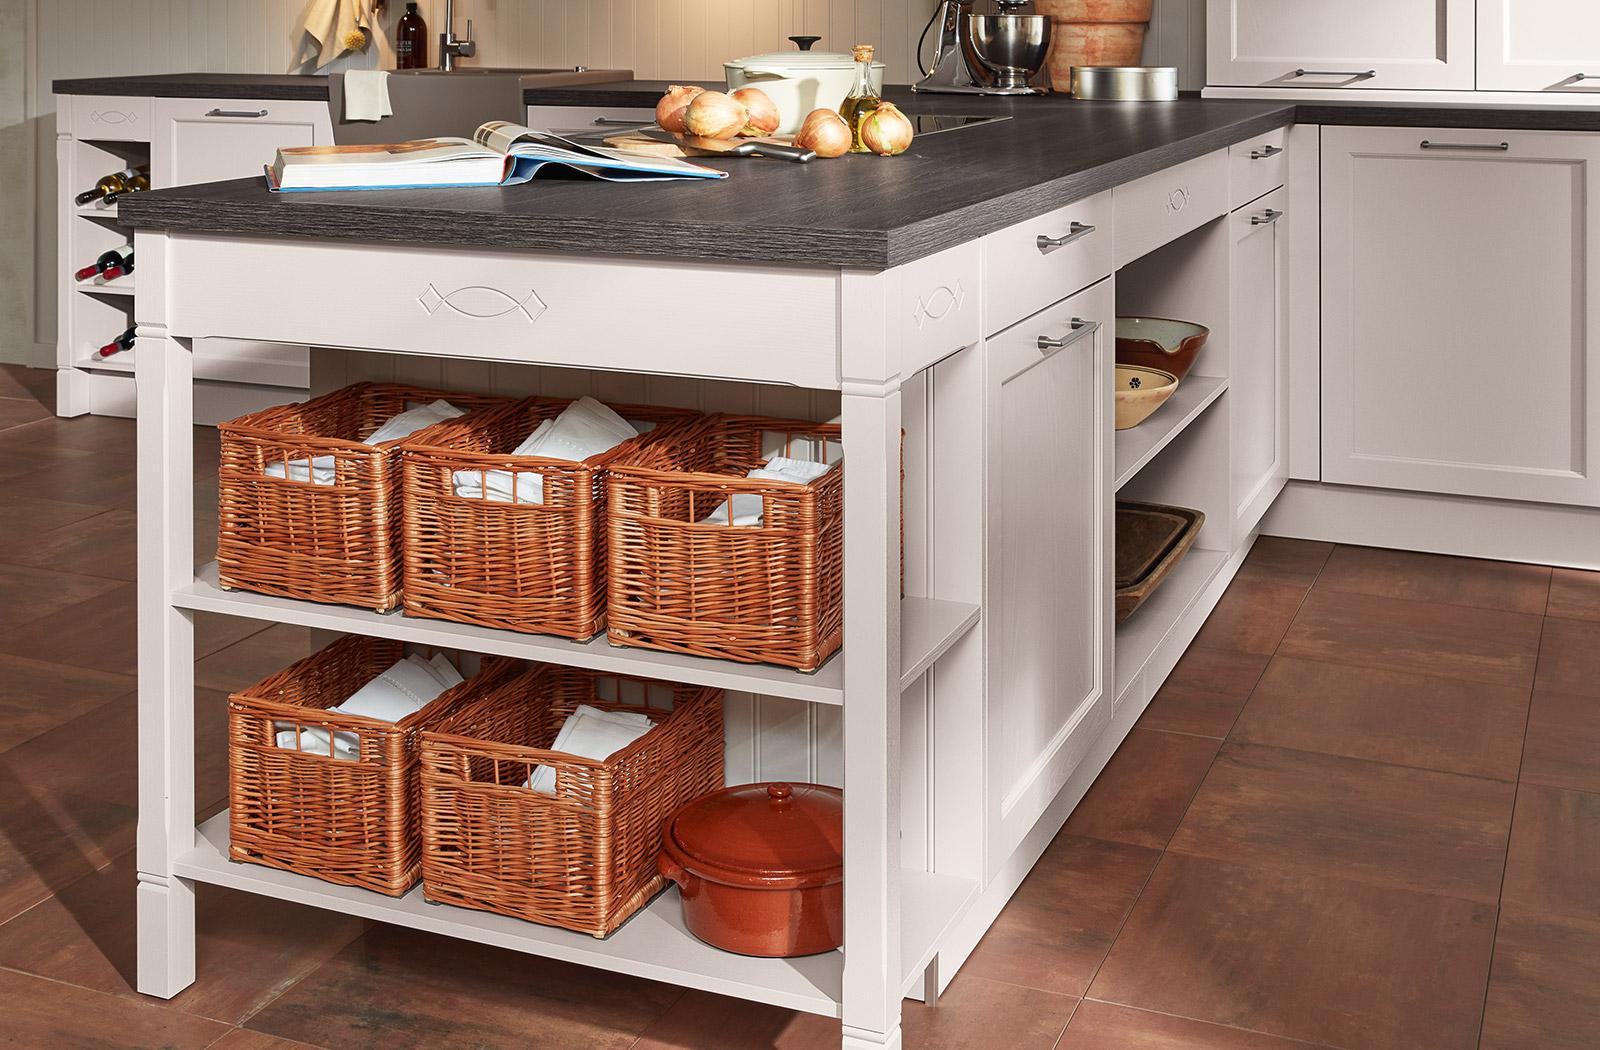 Meble kuchenne Satin - otwarte regały - oferta SAS Wnętrza i Kuchnie - Meble Kuchenne i Projektowanie wnętrz.